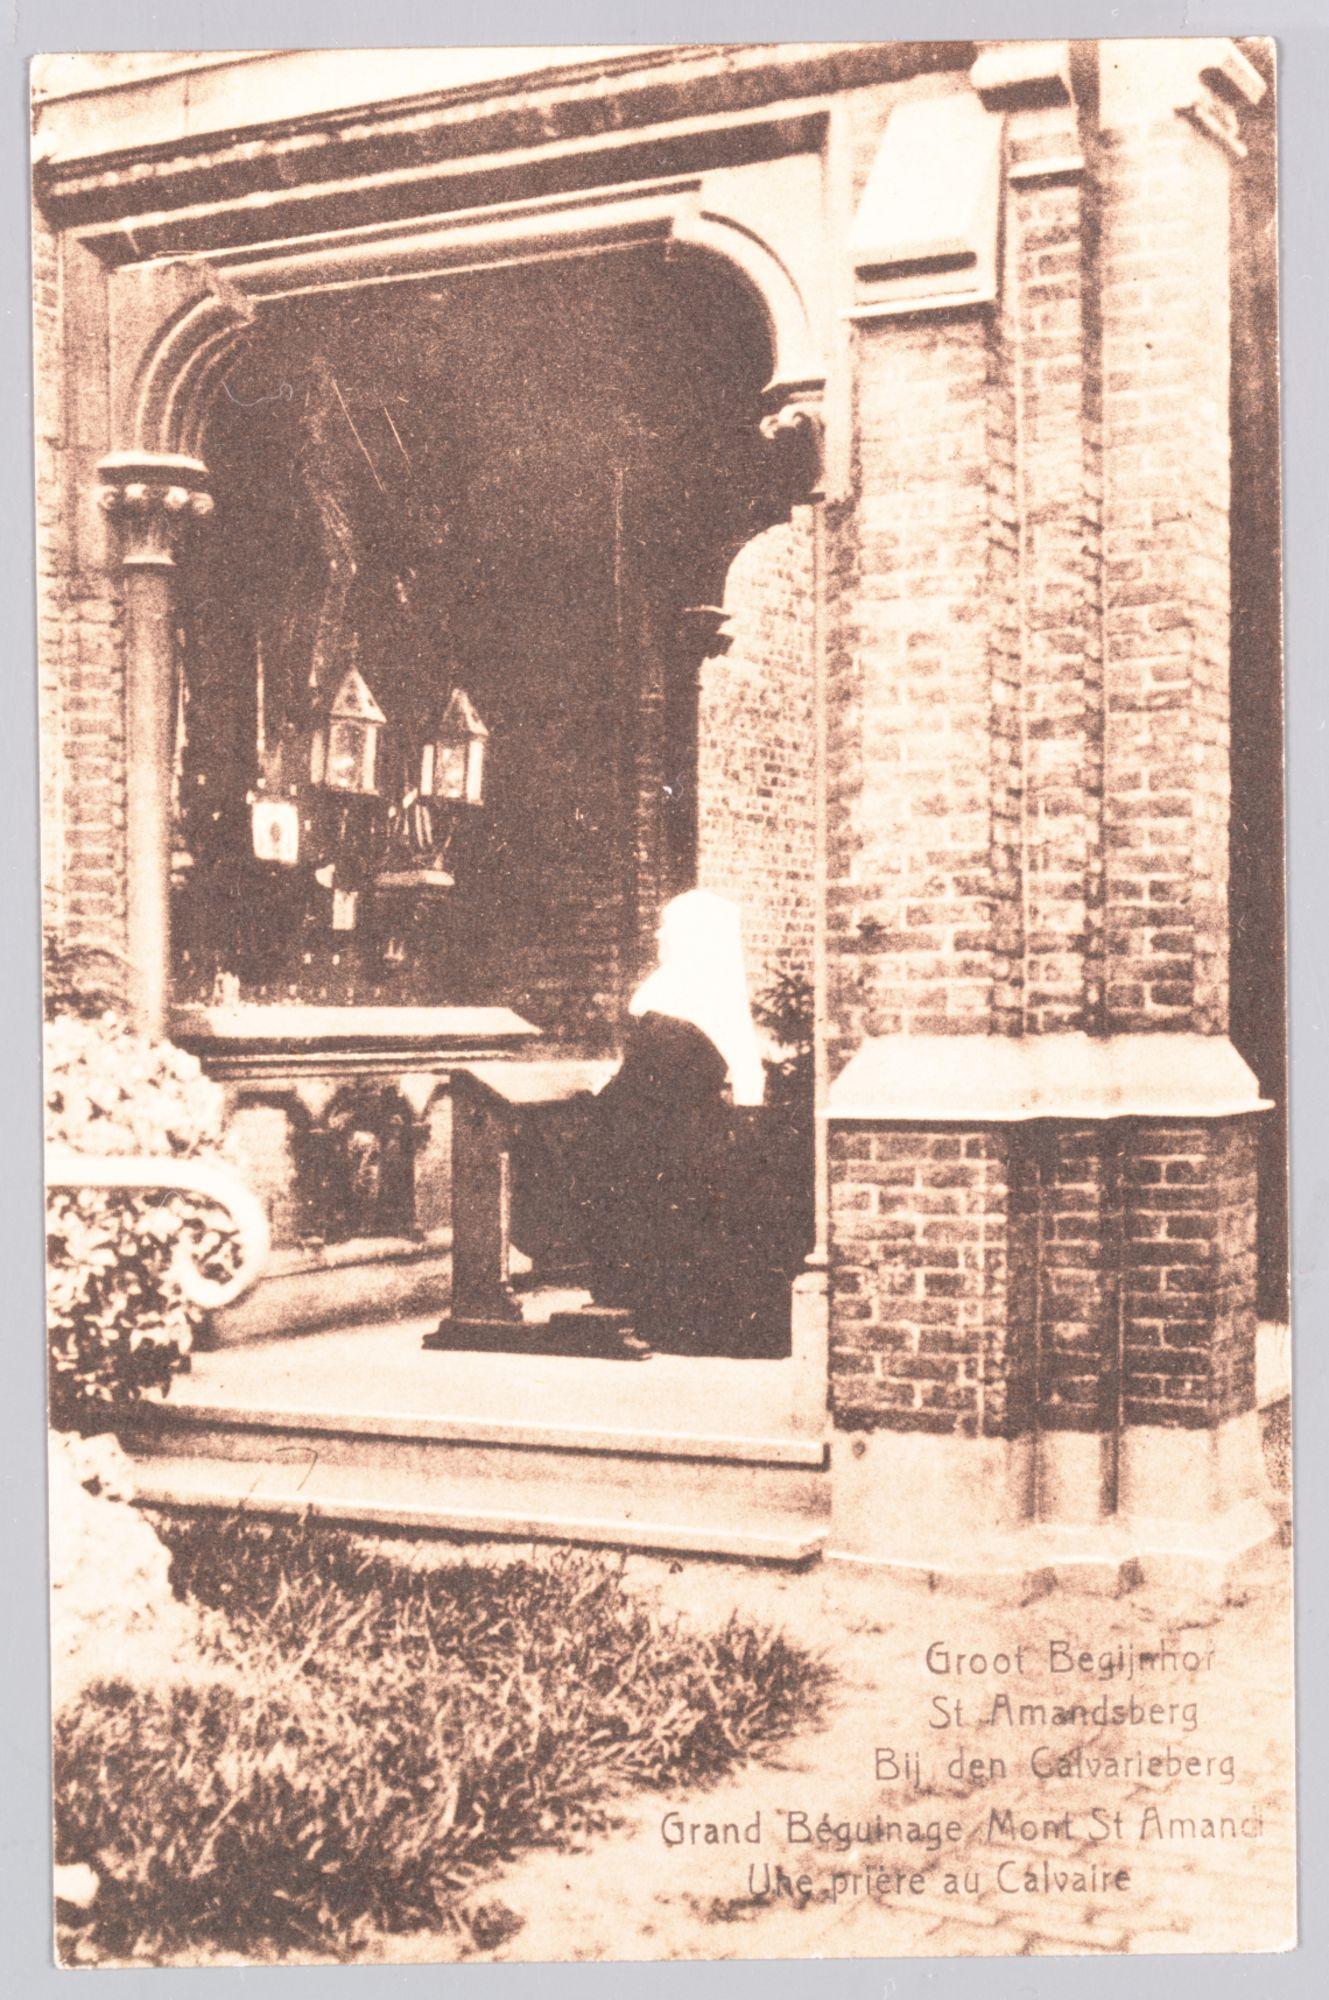 Sint-Amandsberg: Groot Begijnhof: begijn in gebed bij de  Calvarie